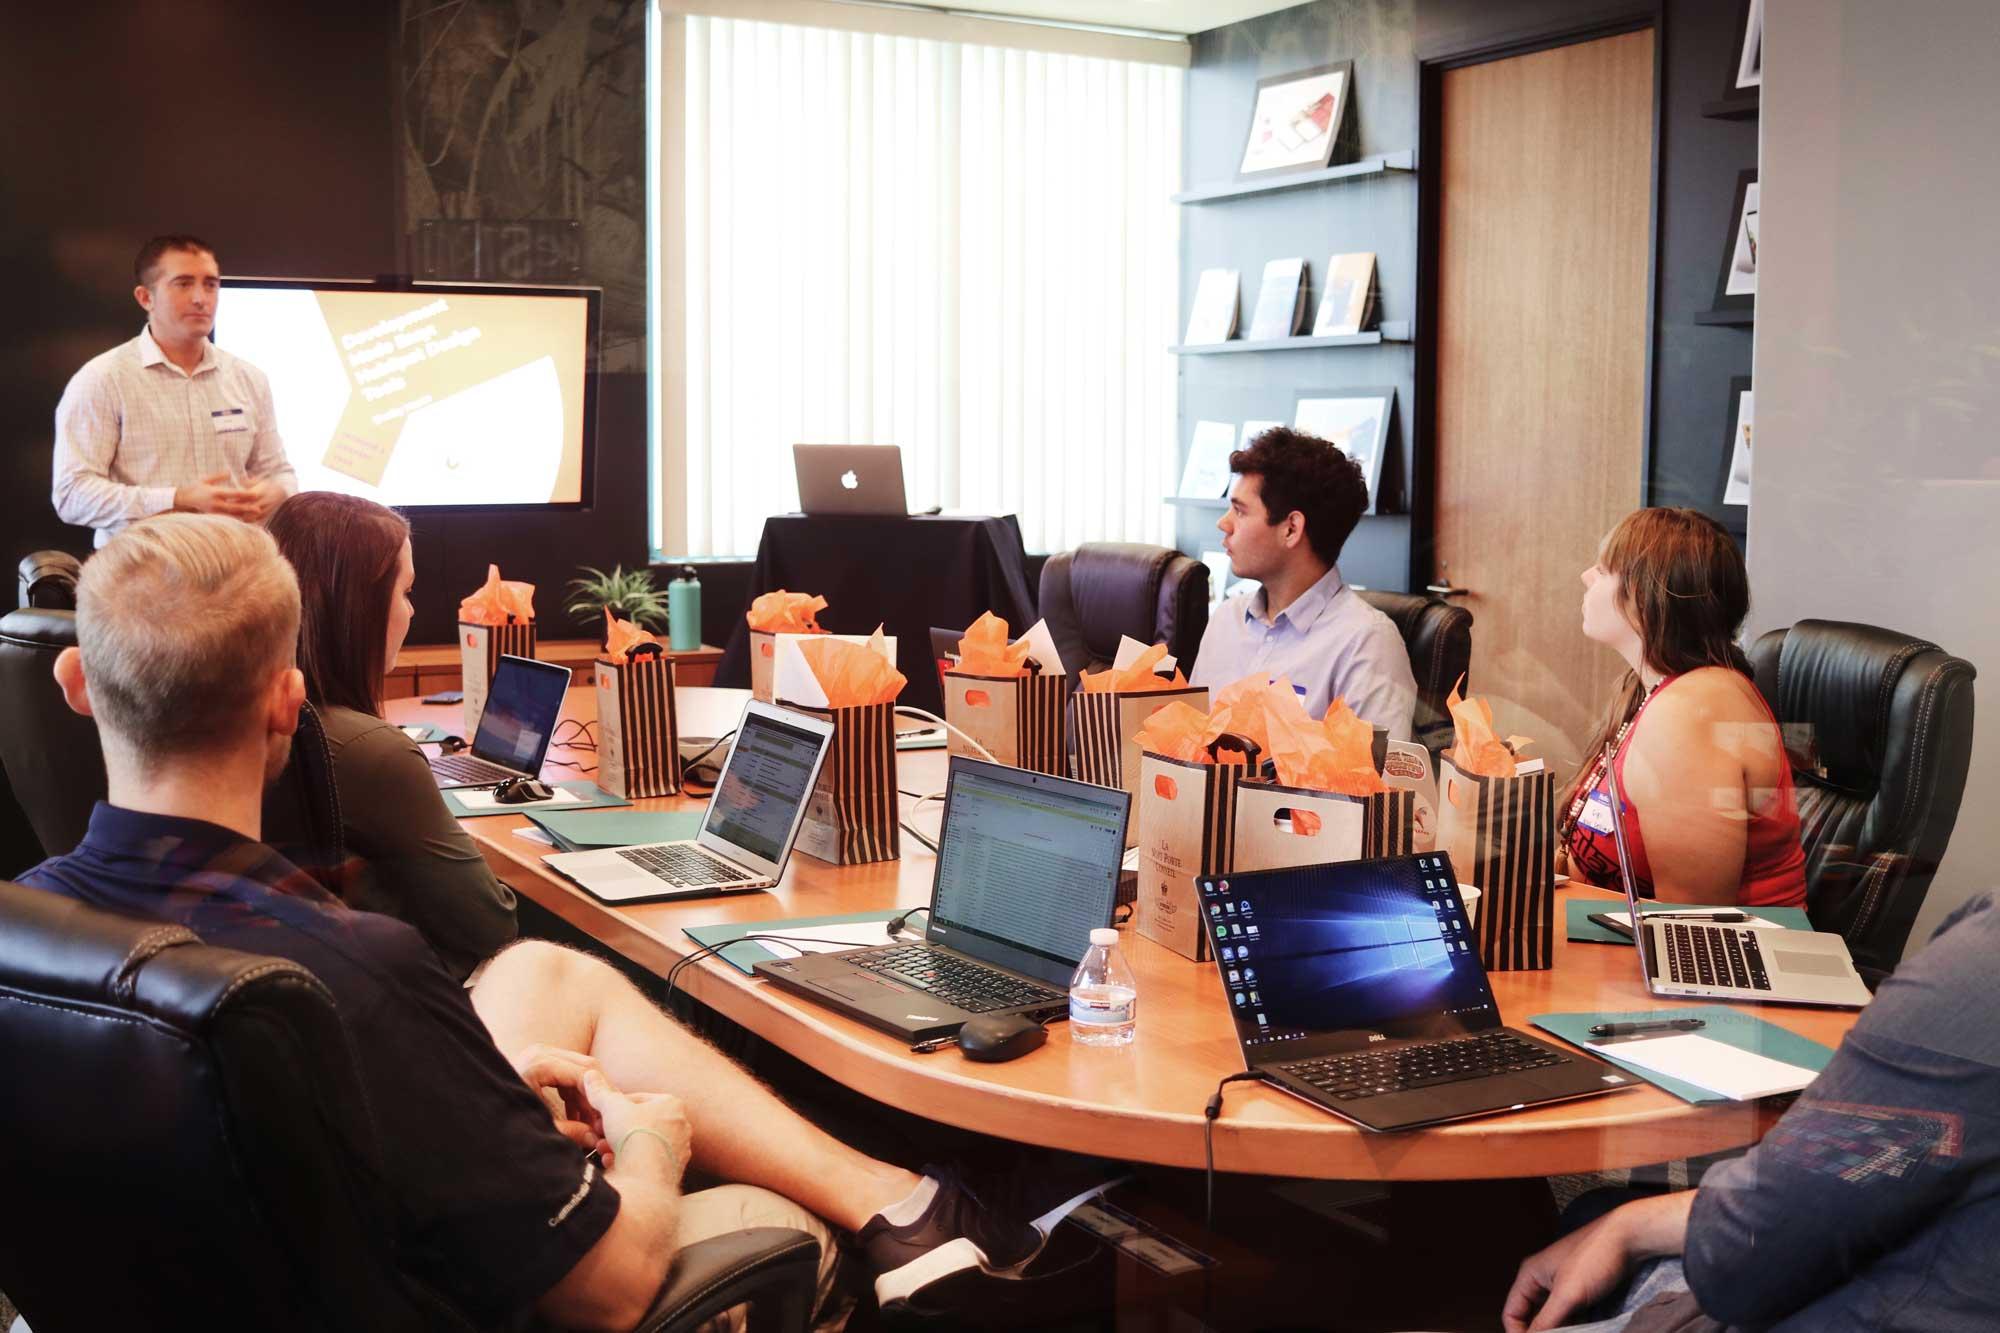 consejos-reuniones-trabajo